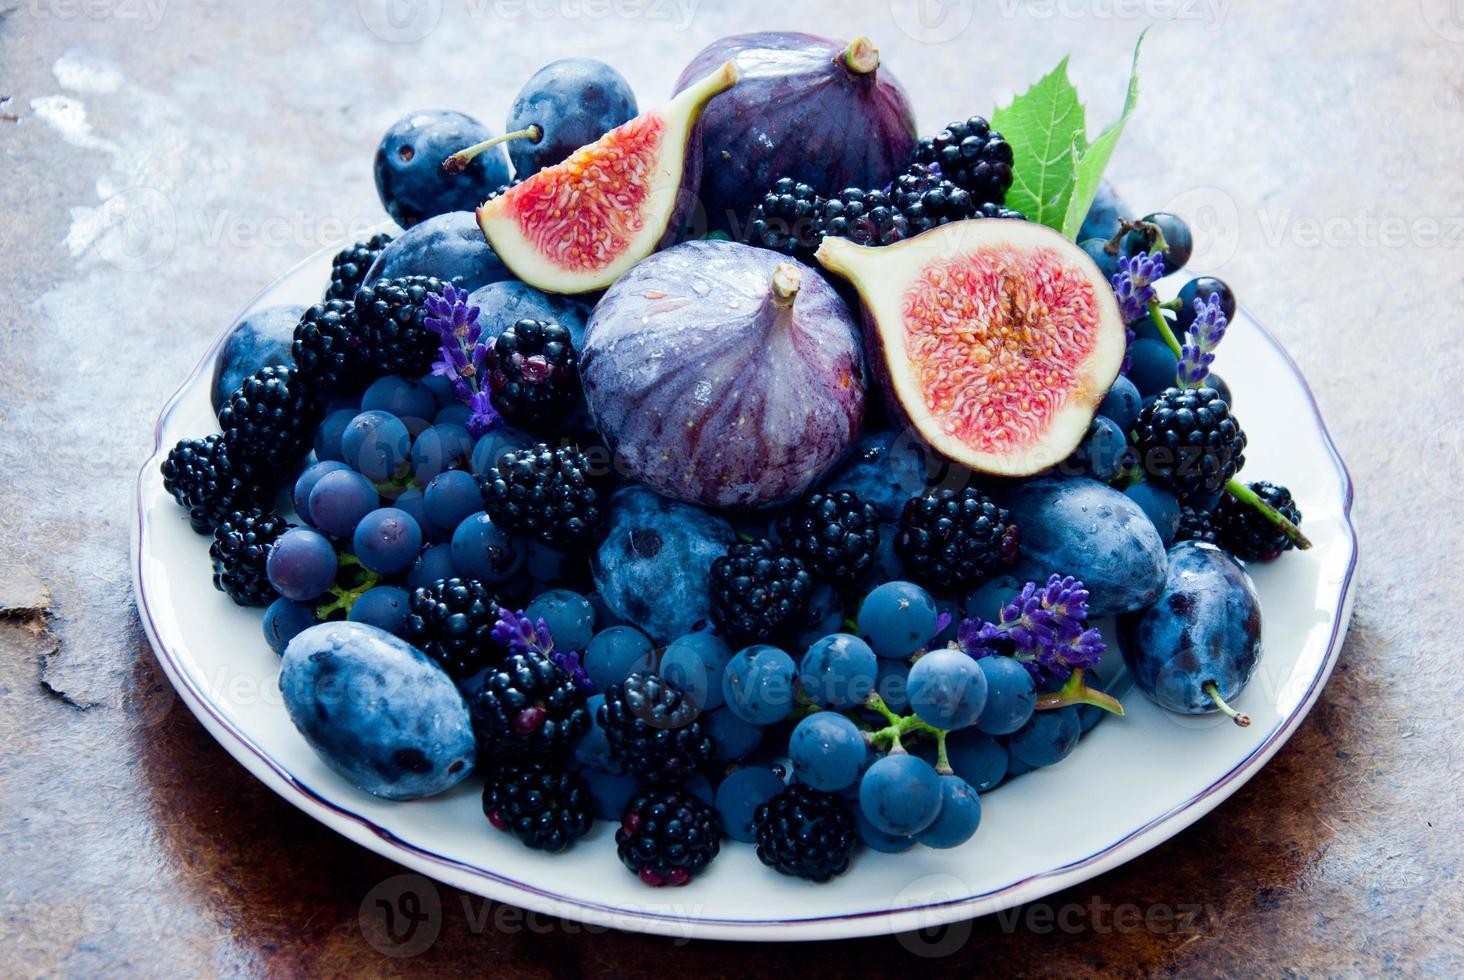 figues, raisins, pruneaux et dewberry frais photo